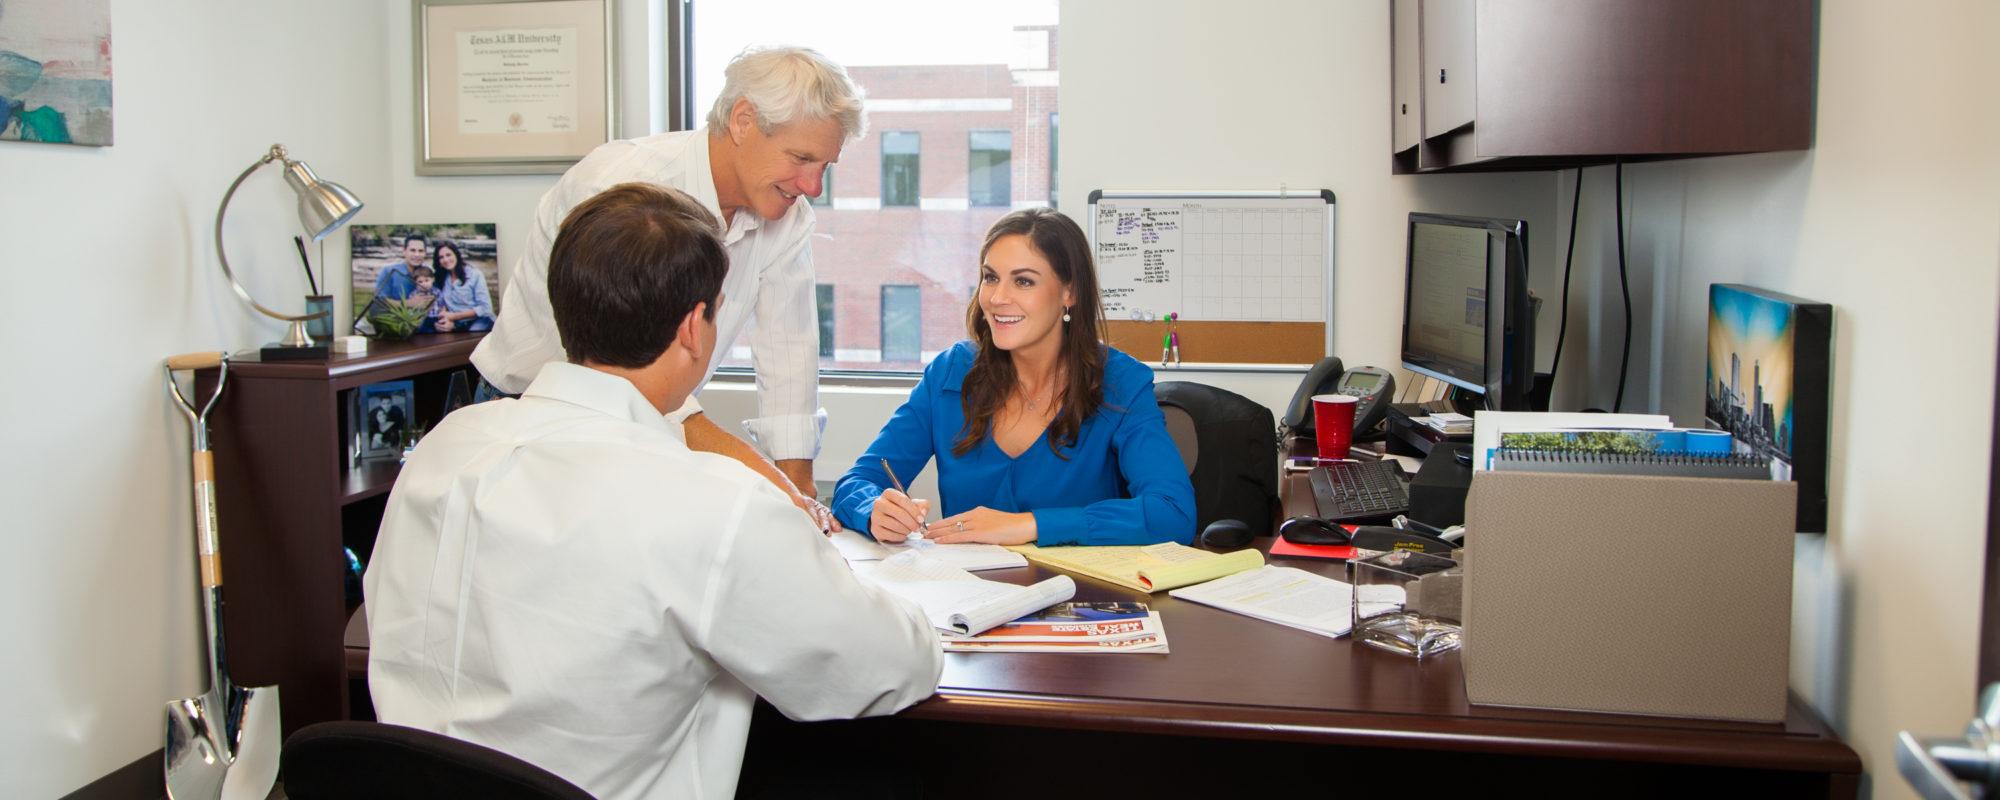 AQUILA's Project Leasing Brokers | Seth Stuart, Bart Matheney, Bethany Perez